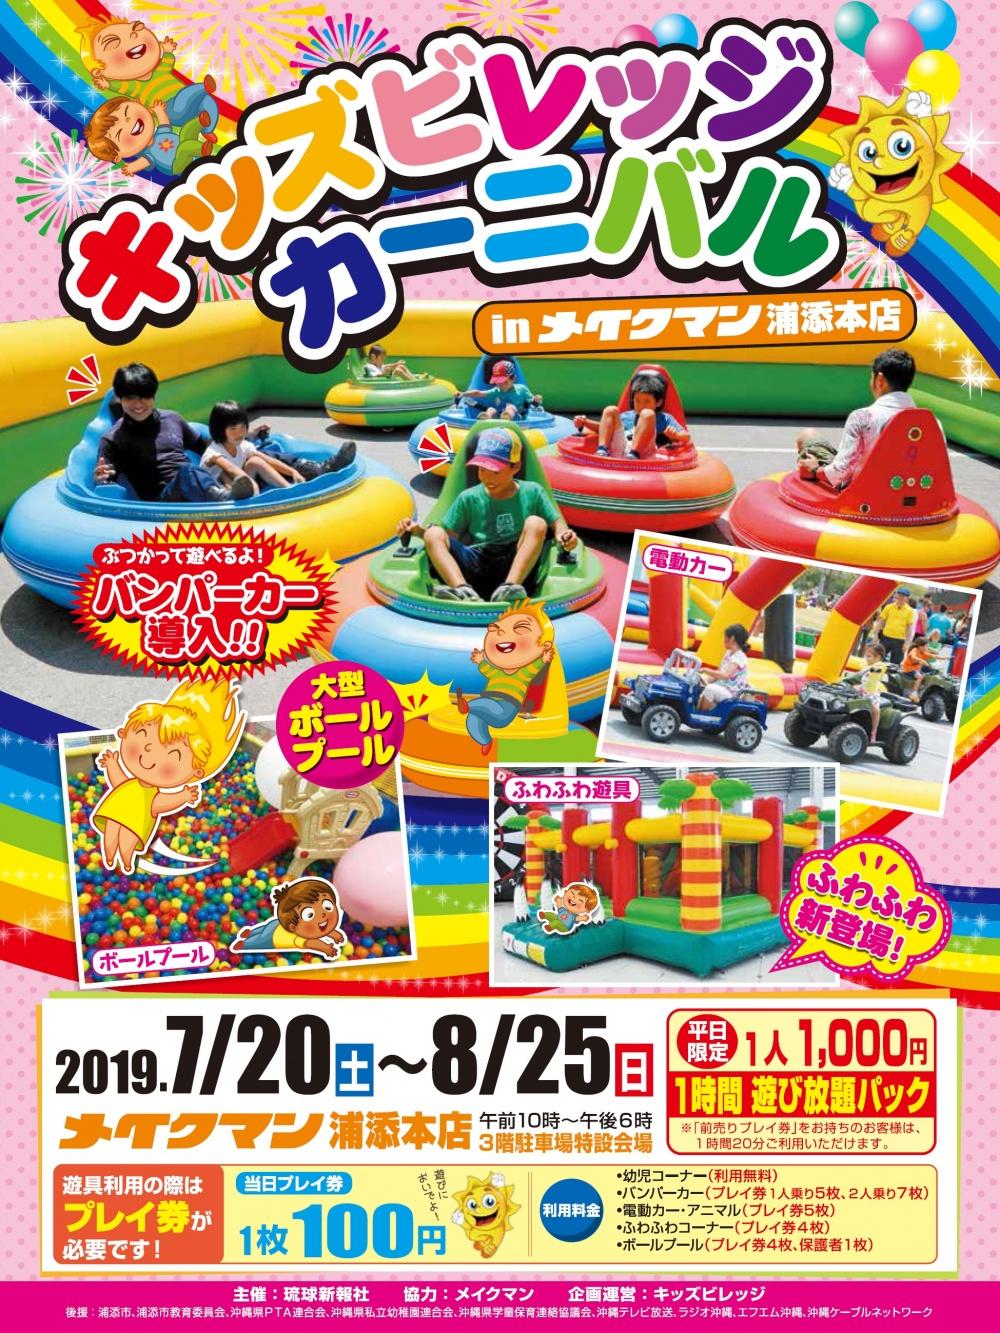 キッズビレッジカーニバル in メイクマン浦添本店(移動遊園地)開催中